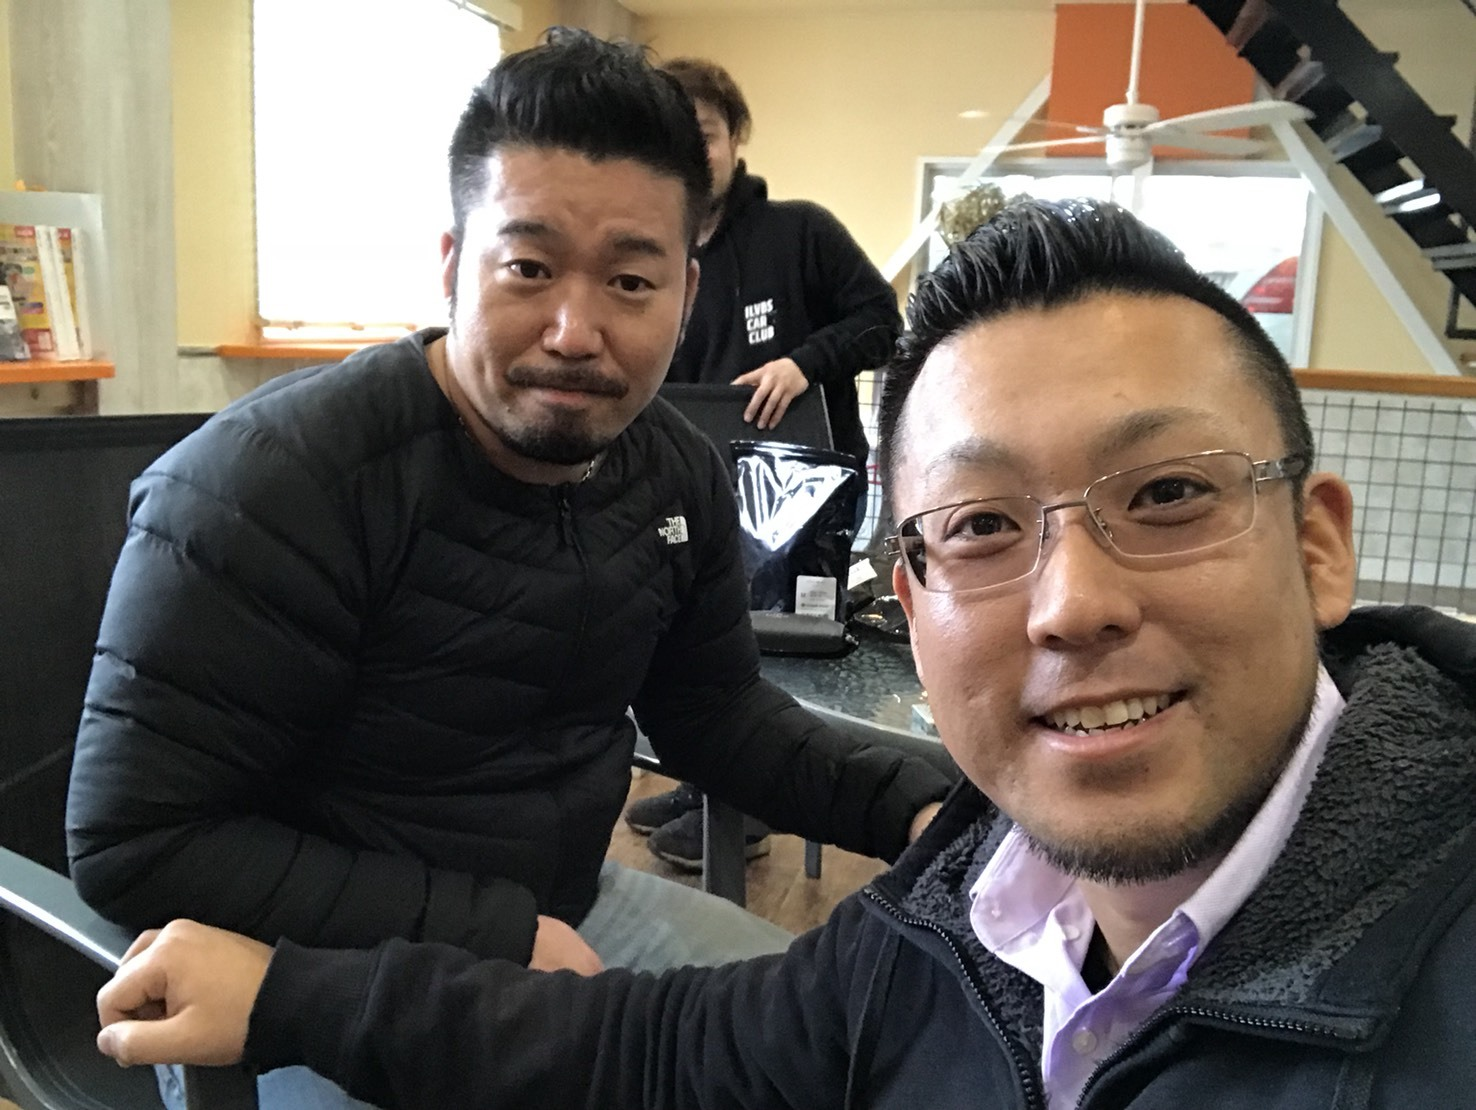 12月27日(水)トミーベース カスタムブログ☆LS600撮影開始!!サンタは大忙し!_b0127002_23311708.jpg